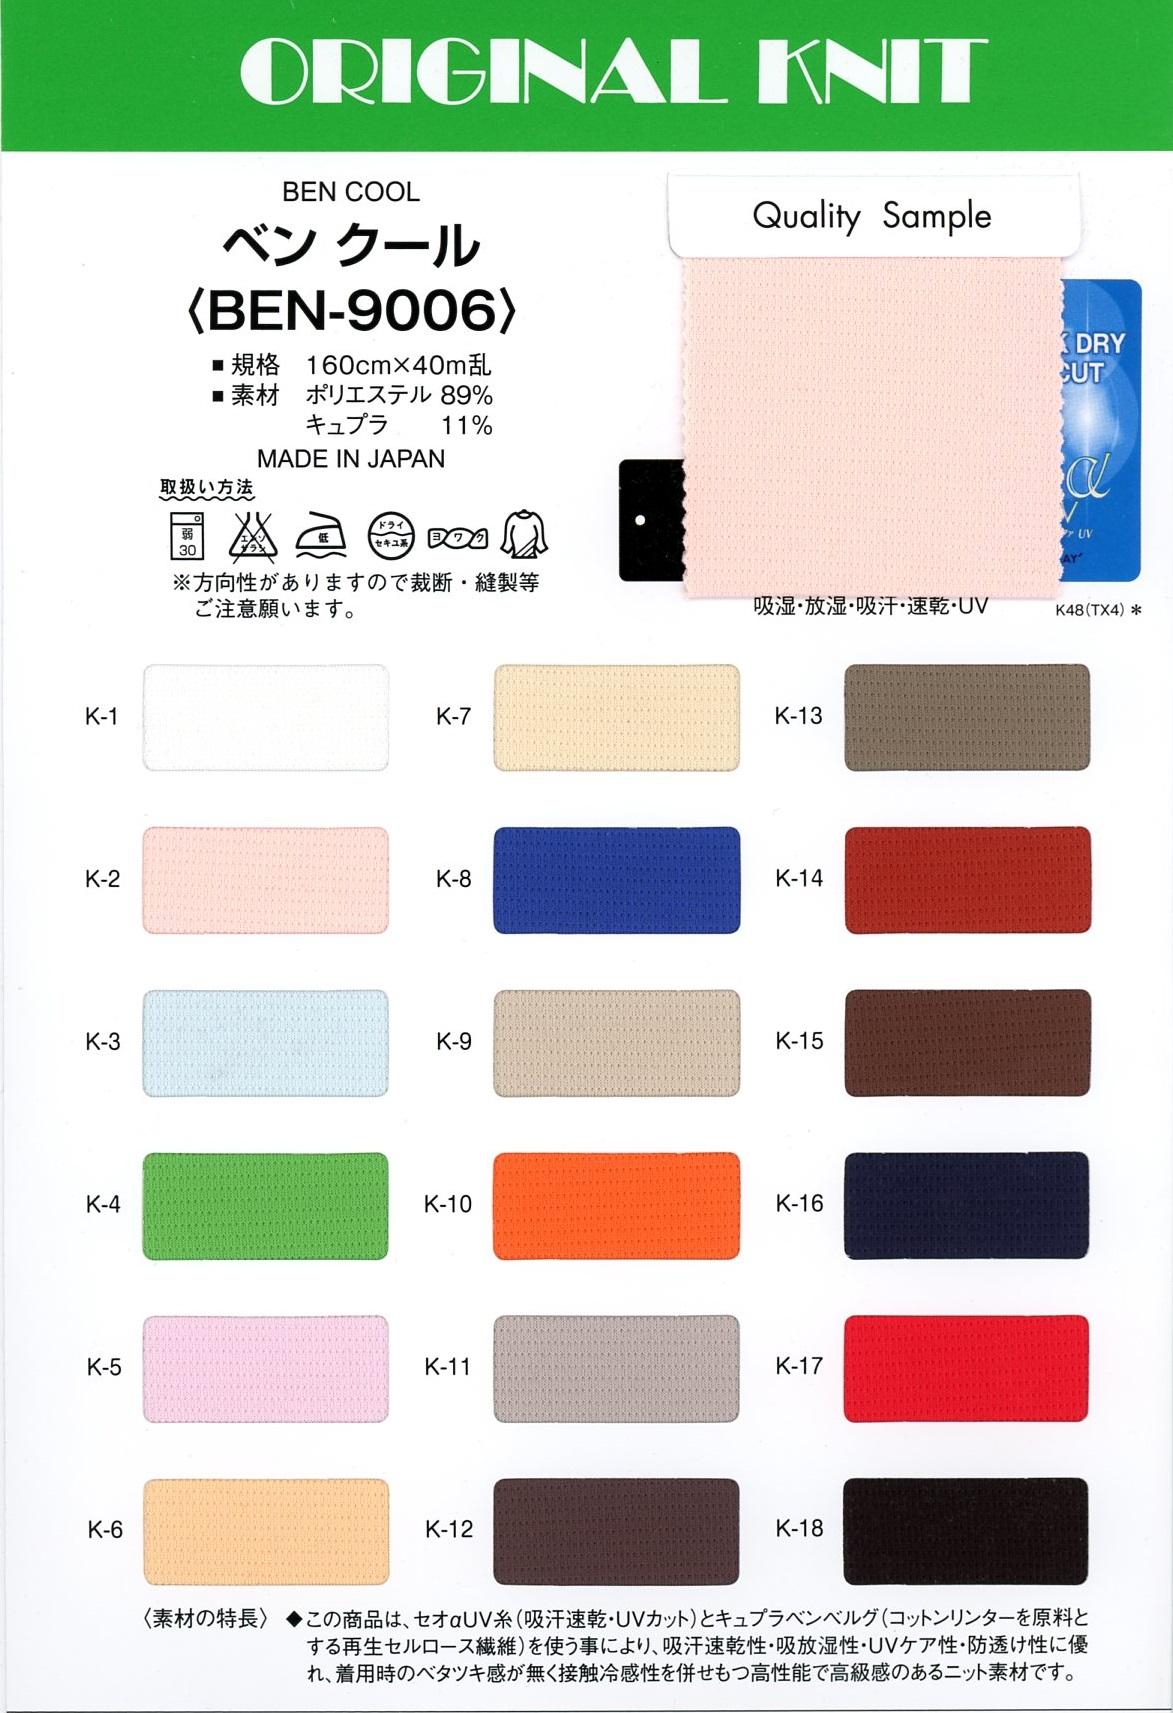 BEN-9006 ベン クール[生地] Masuda(マスダ)/オークラ商事 - ApparelX アパレル資材卸通販